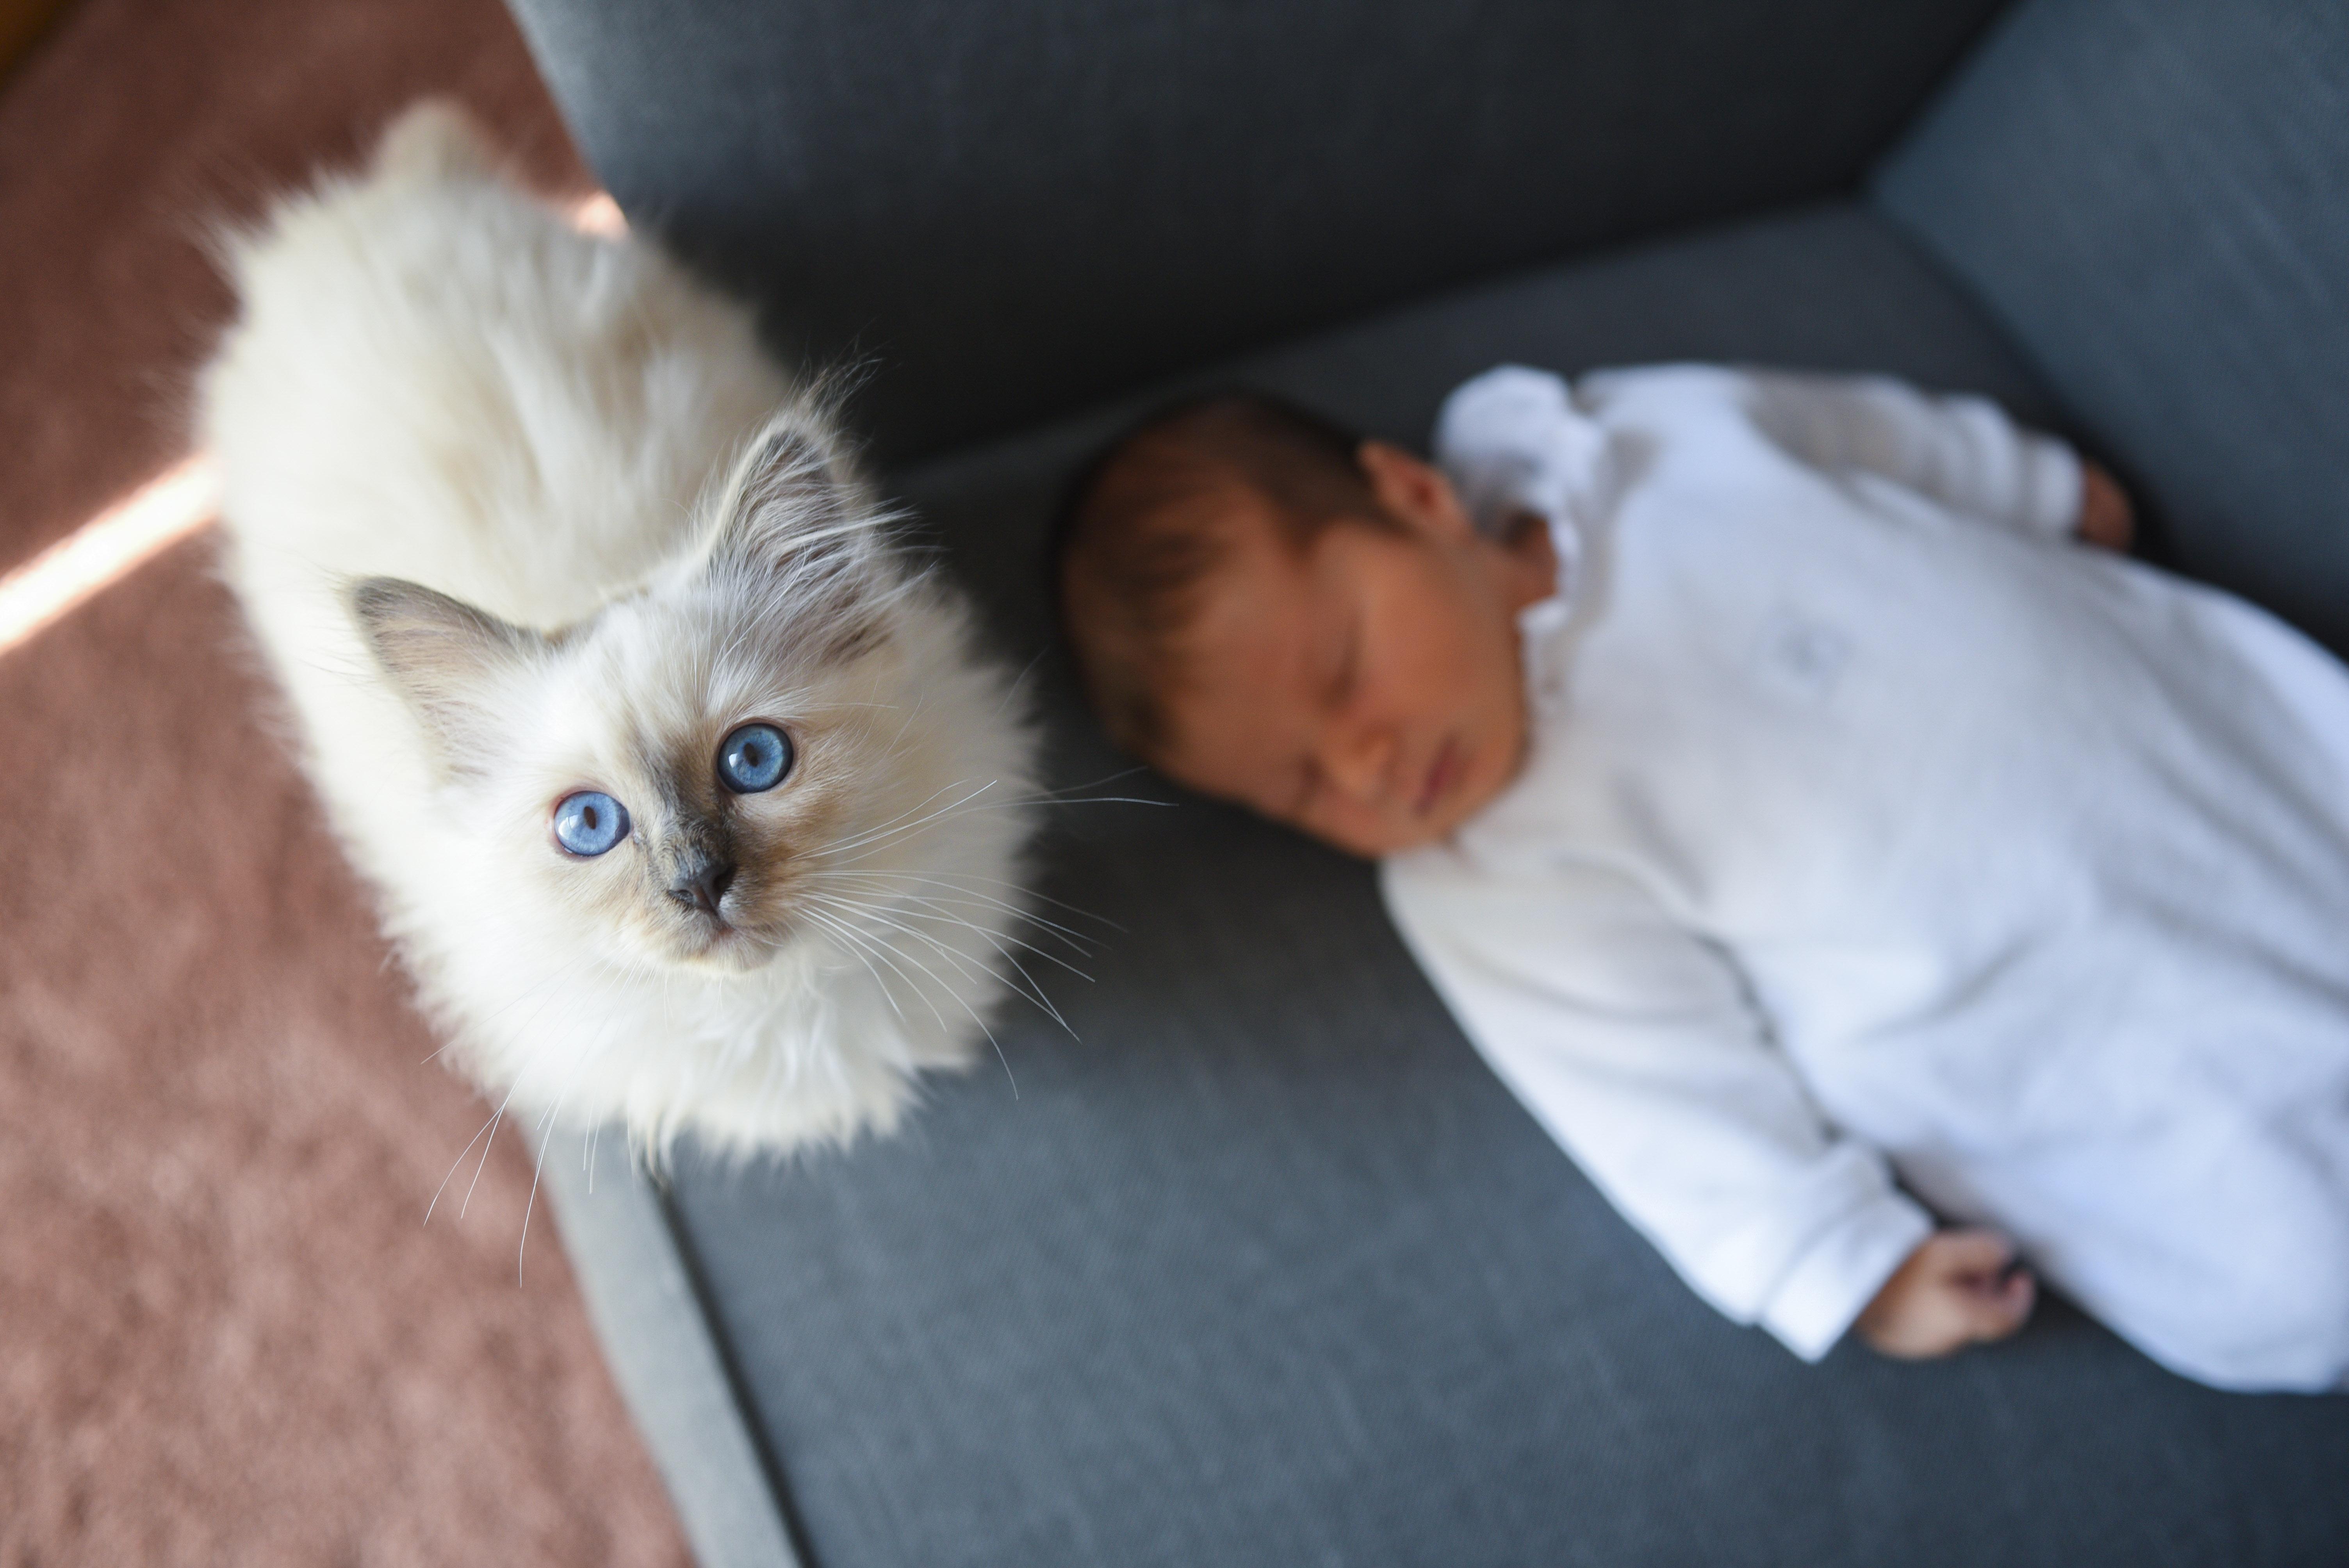 foto de séance photo nouveau né toute douce à domicile - Aurélie Raisin ...